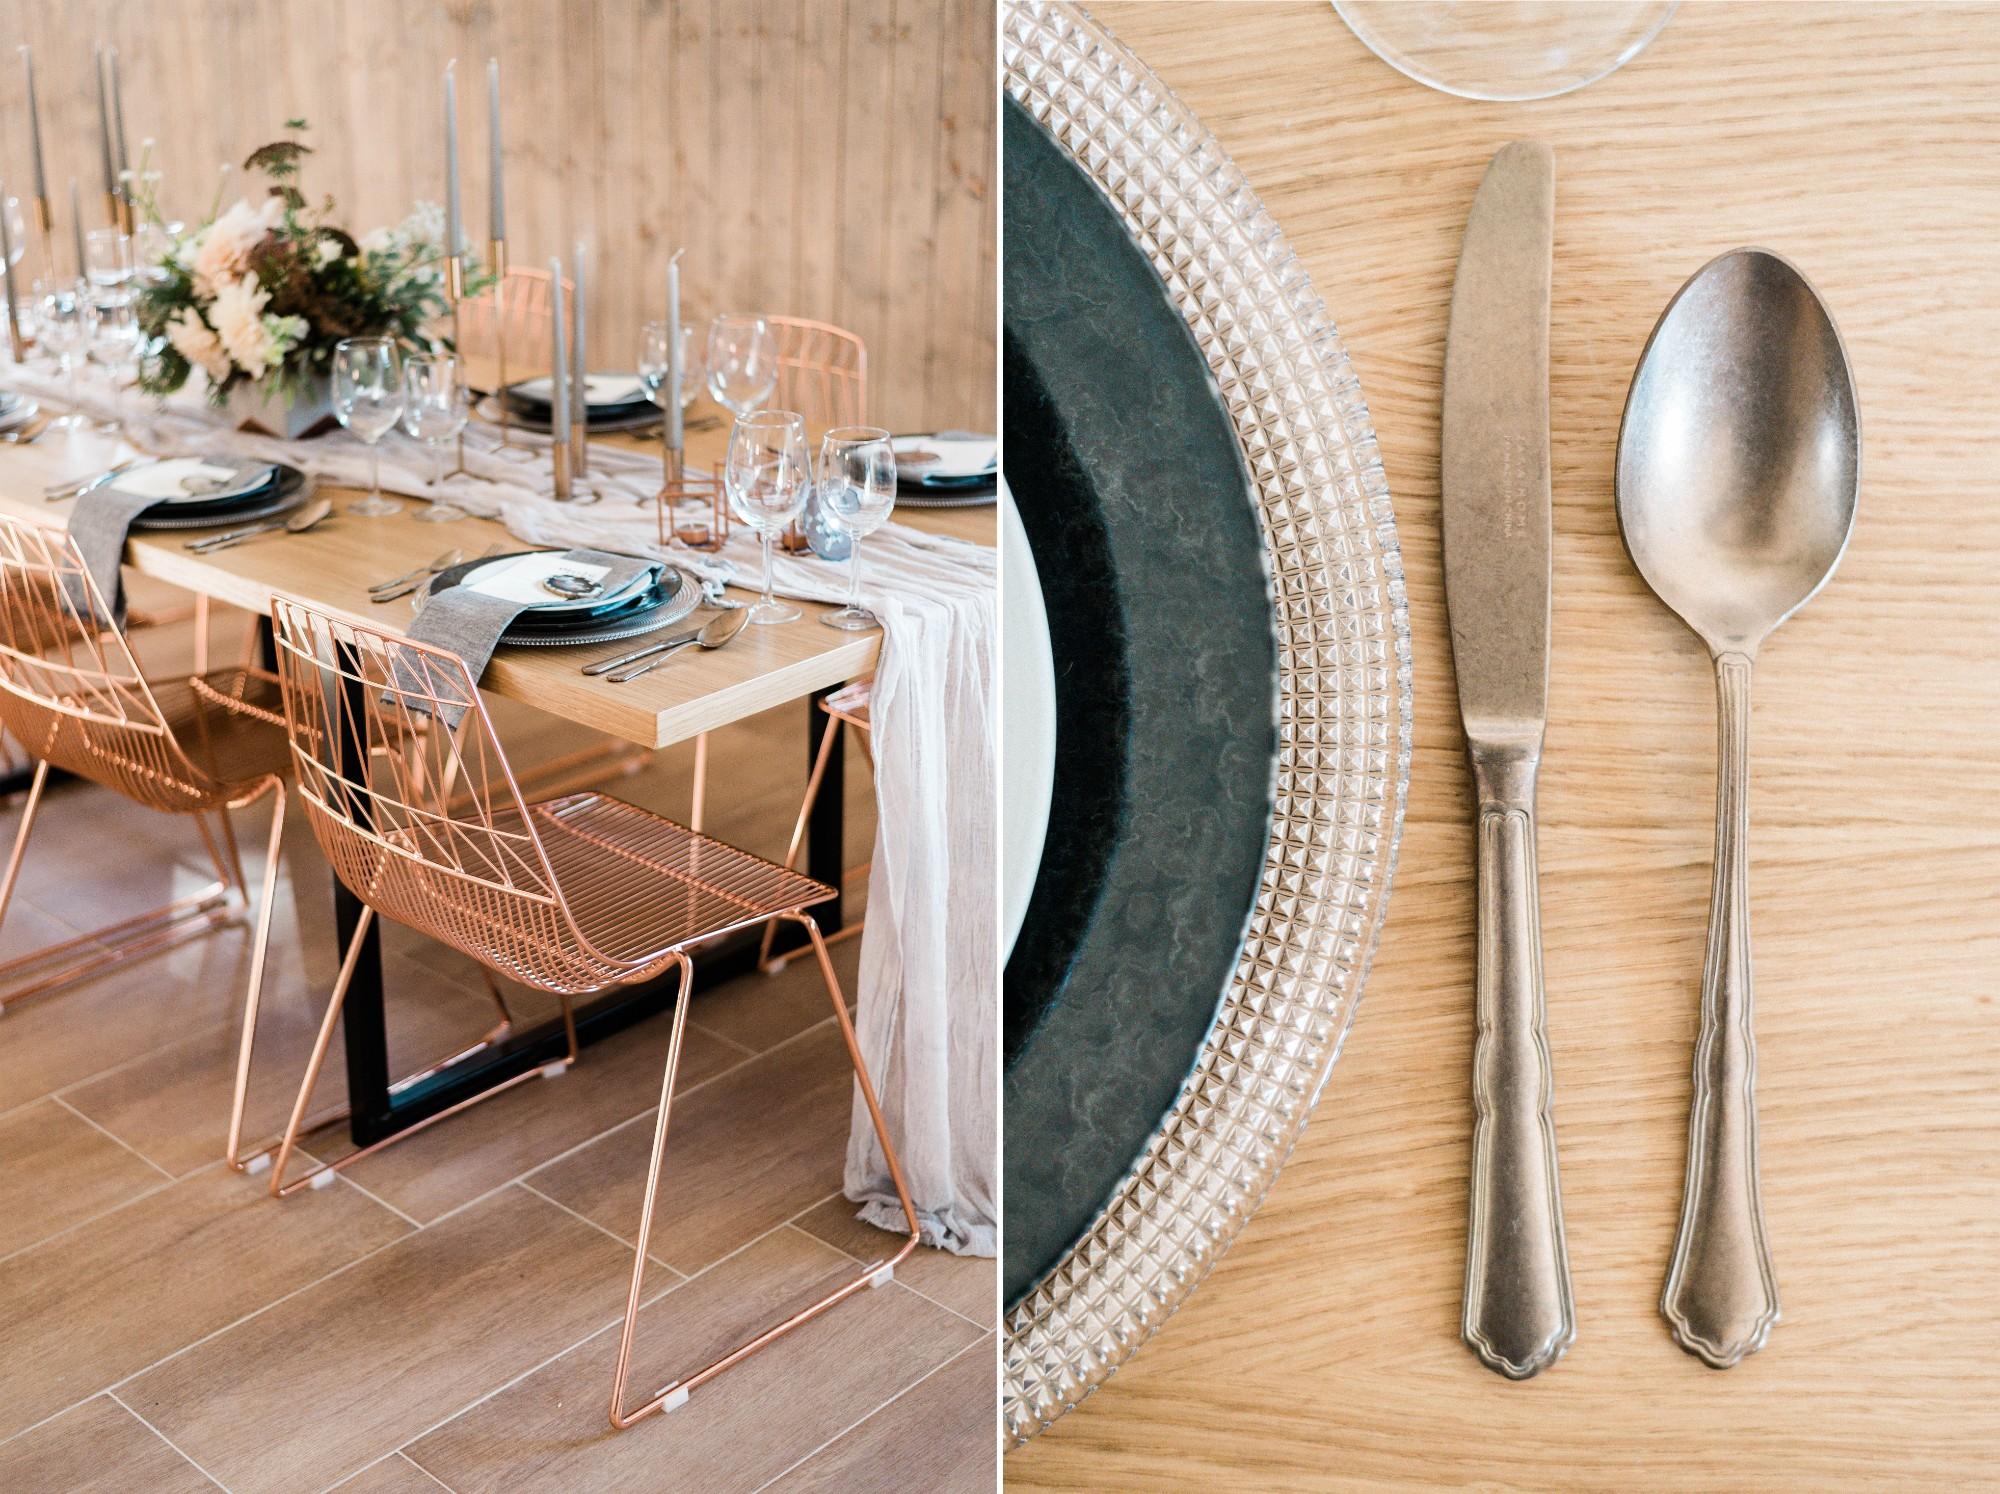 eskuvo asztaldekor modern oszi rez arany.jpg